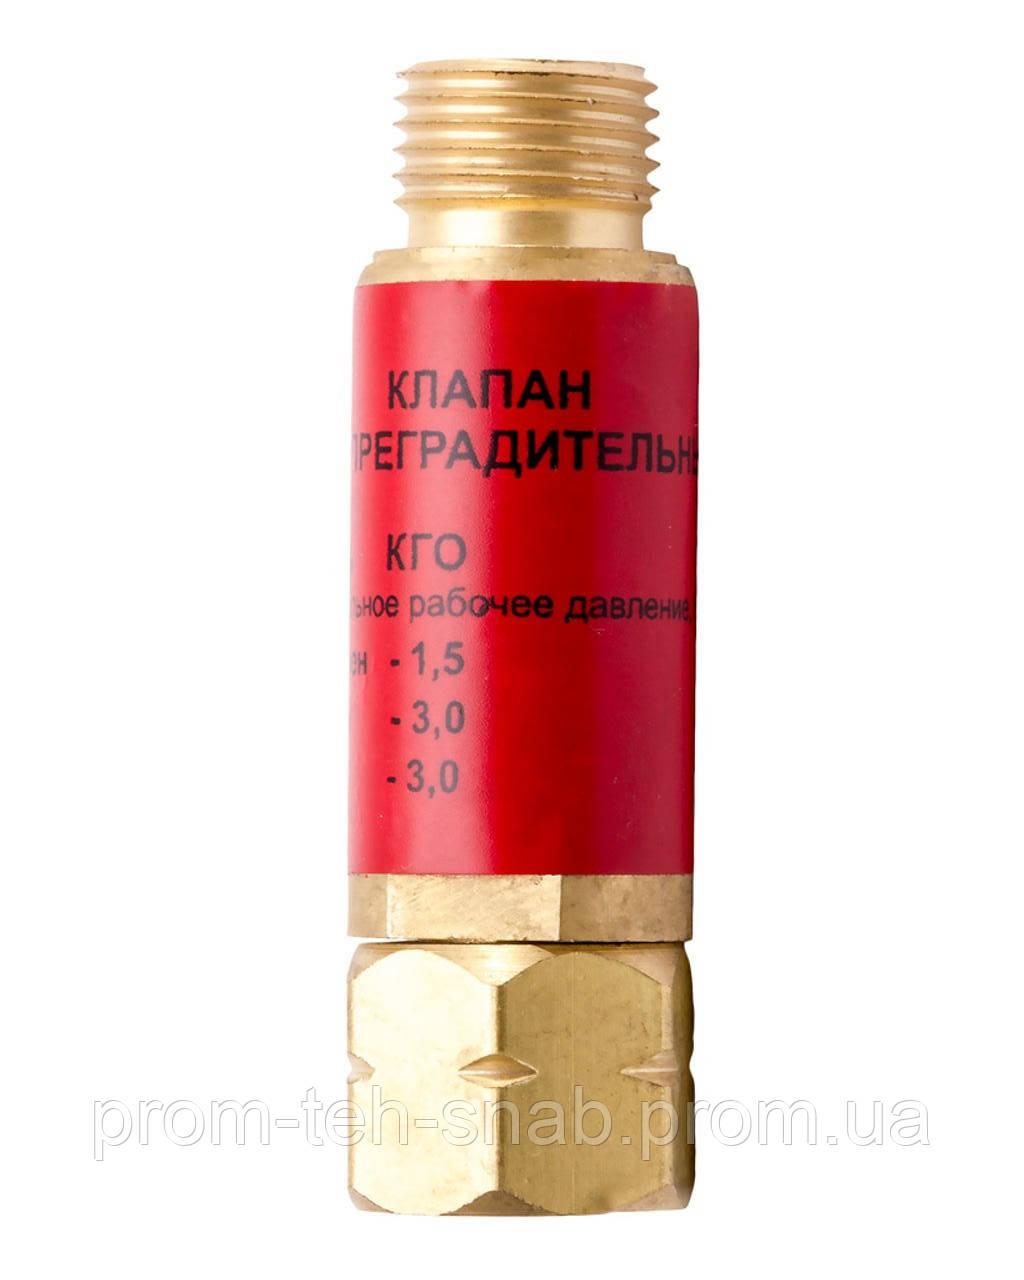 Клапан огнепреградительный  газовый на редуктор  Краматорск